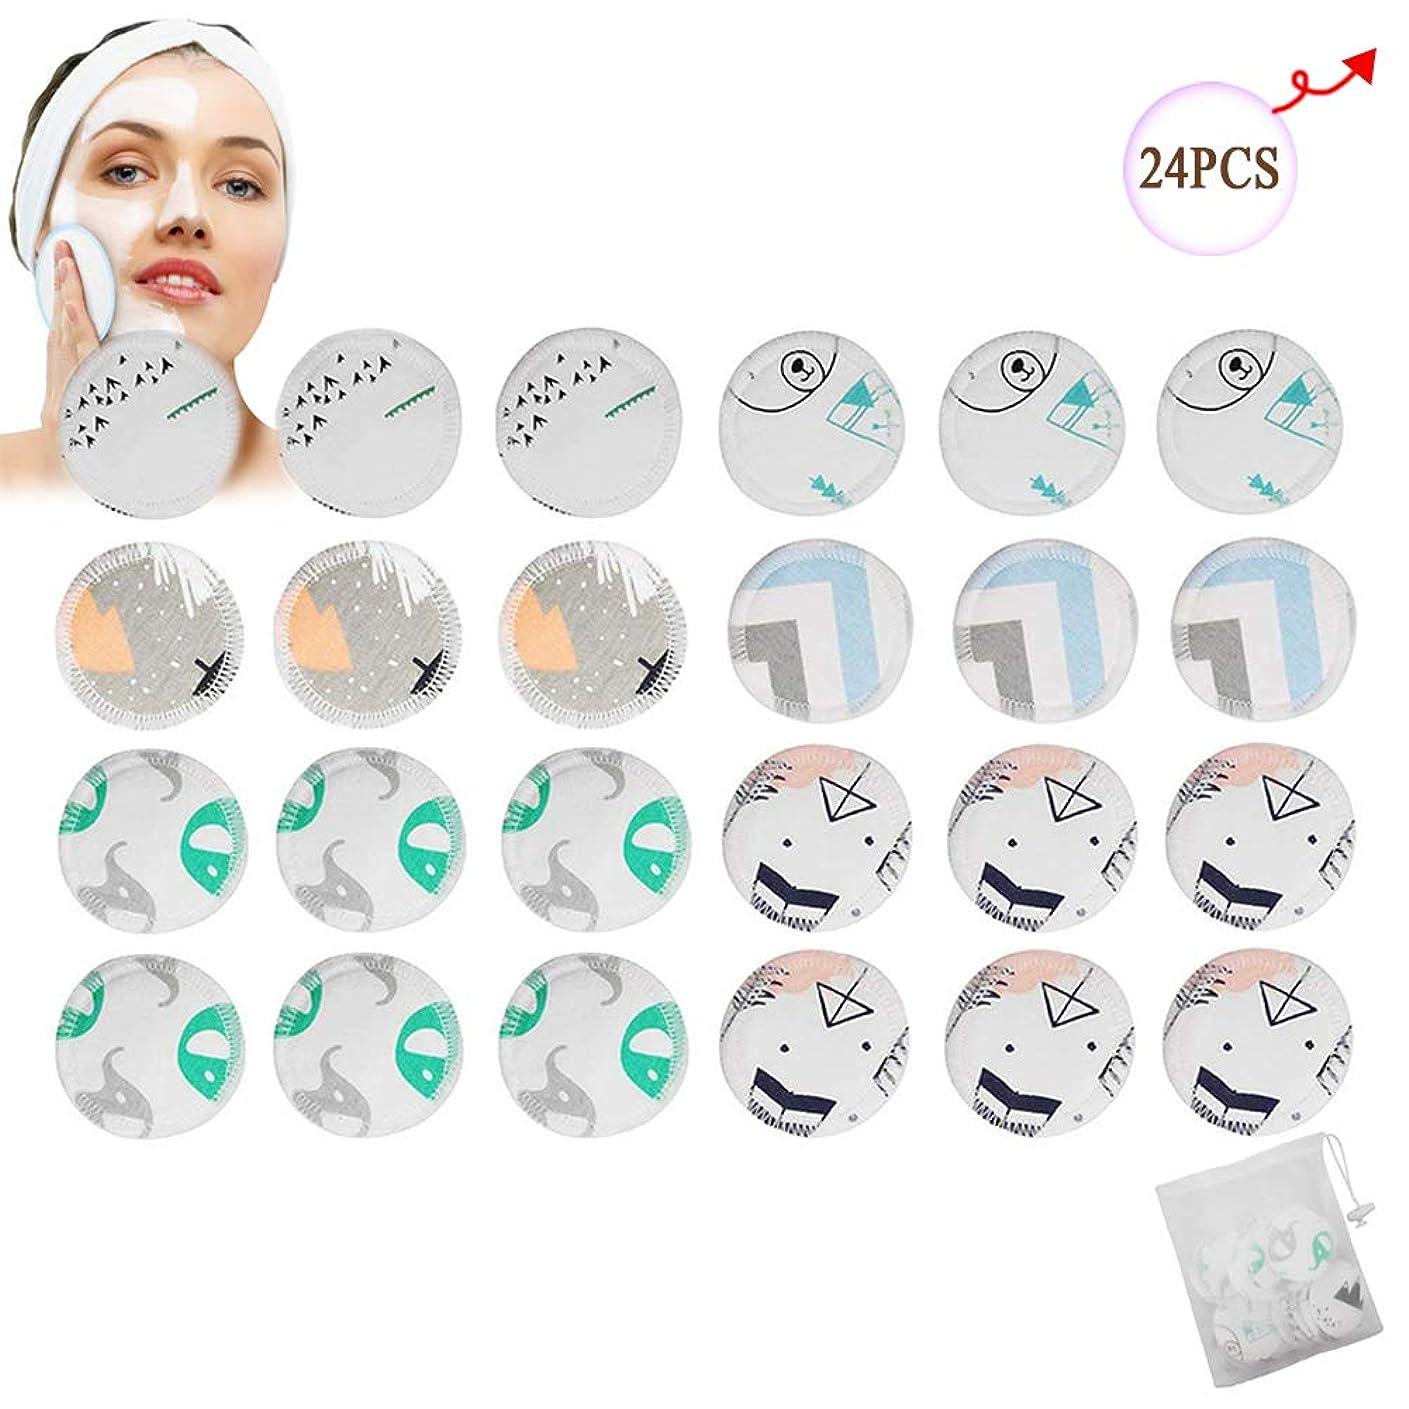 ばかげた摂動眼リムーバーパッド、再利用可能なコットンパッド、洗えるワイプソフトで快適なランドリーバッグ女性のためのフェイス/アイ/リップ,24PCS